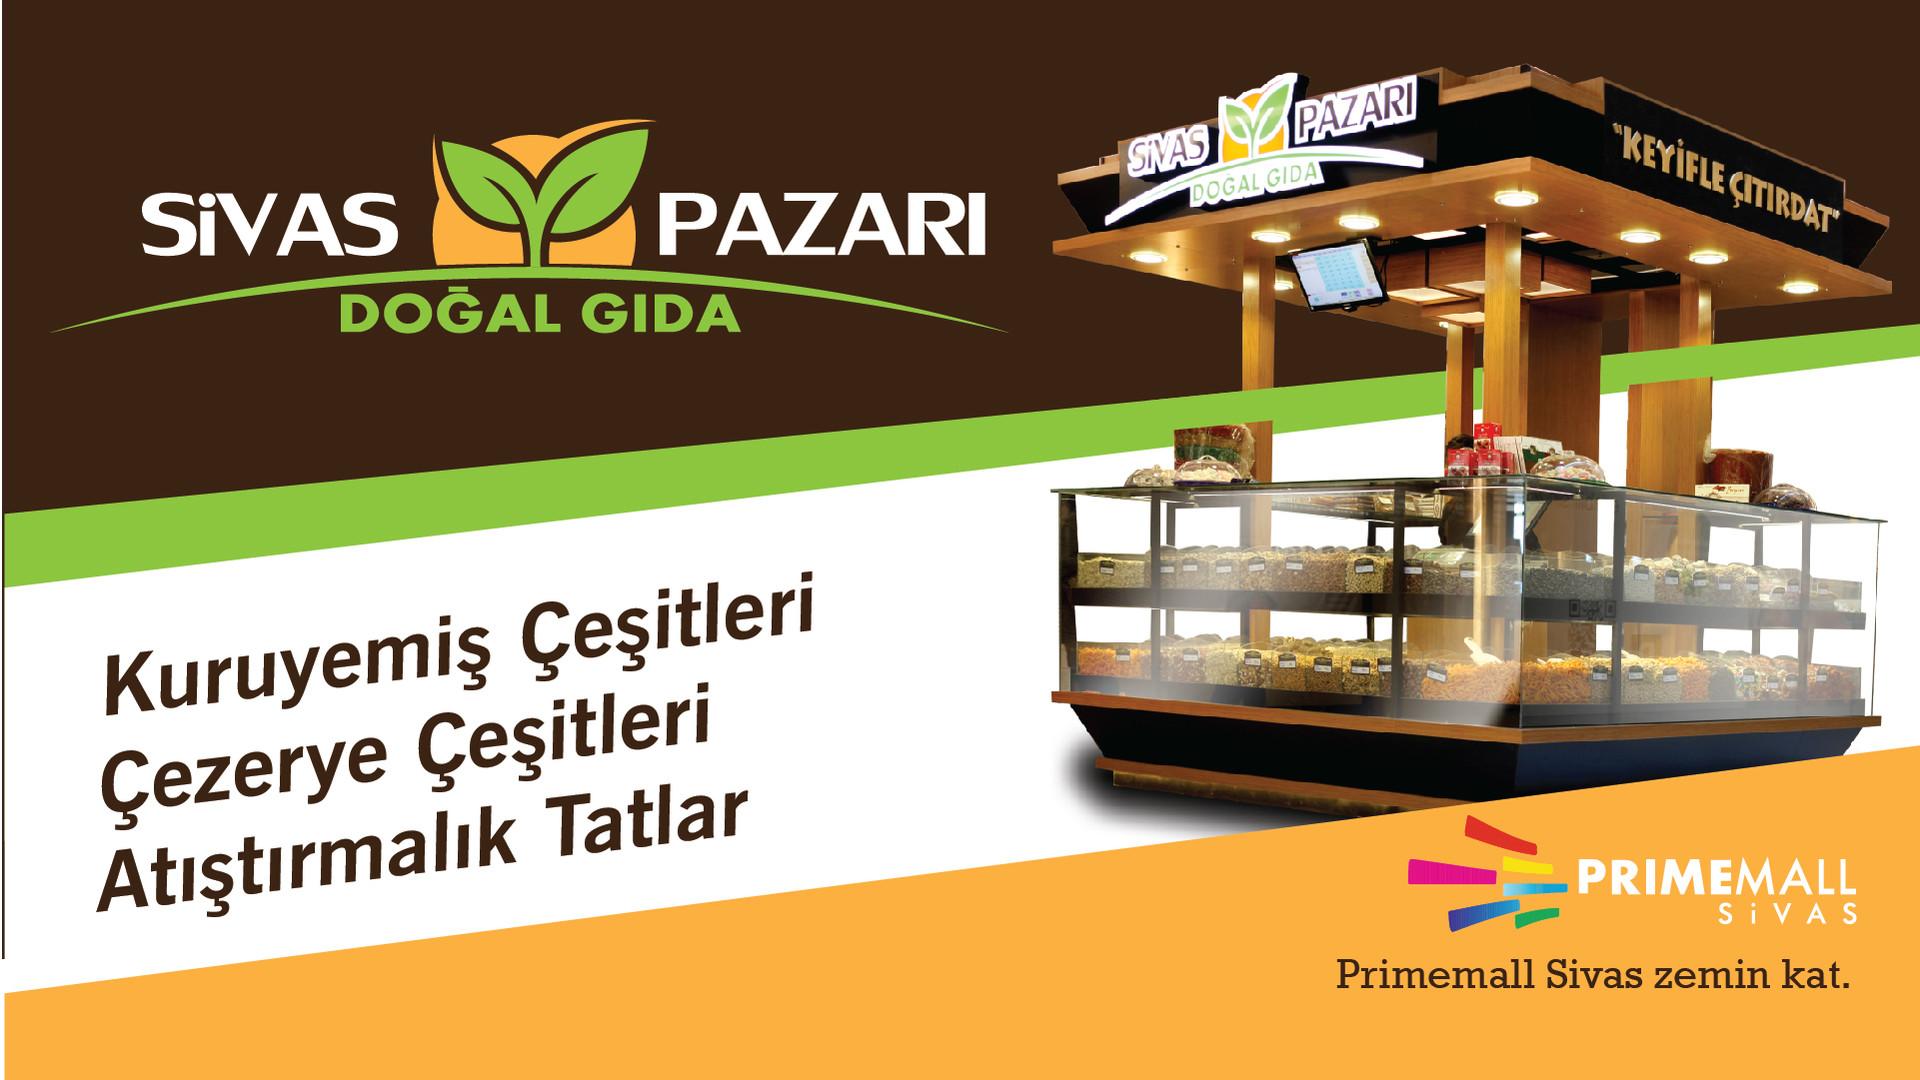 Sivas Pazarı Doğal Gıda